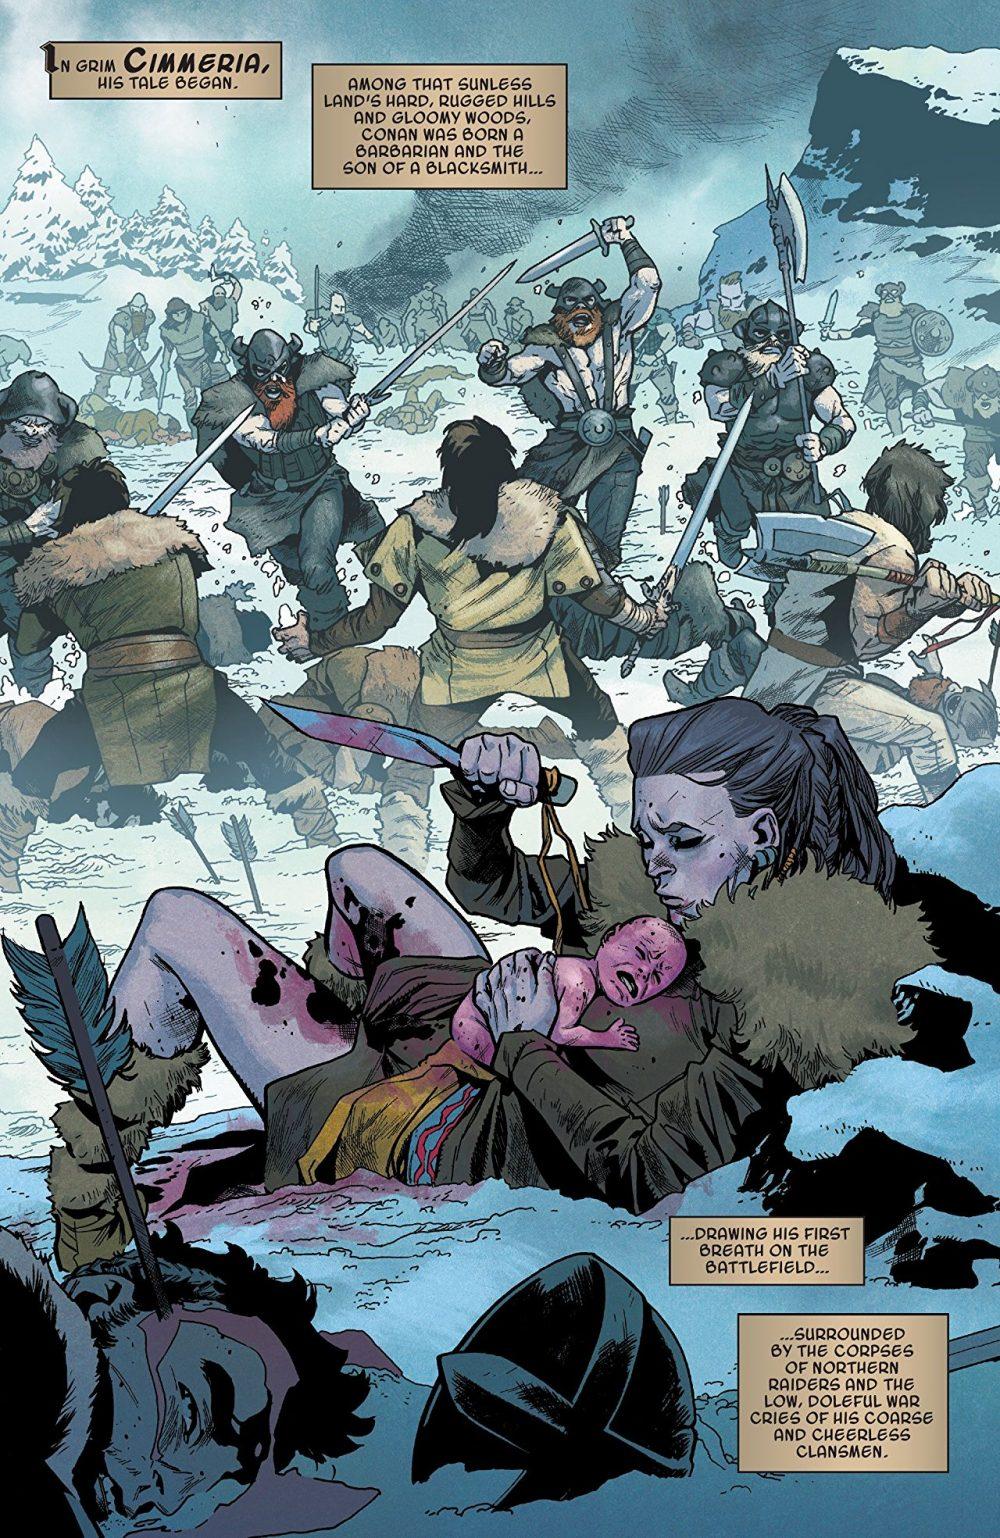 Conan the Barbarian #1, anteprima 02